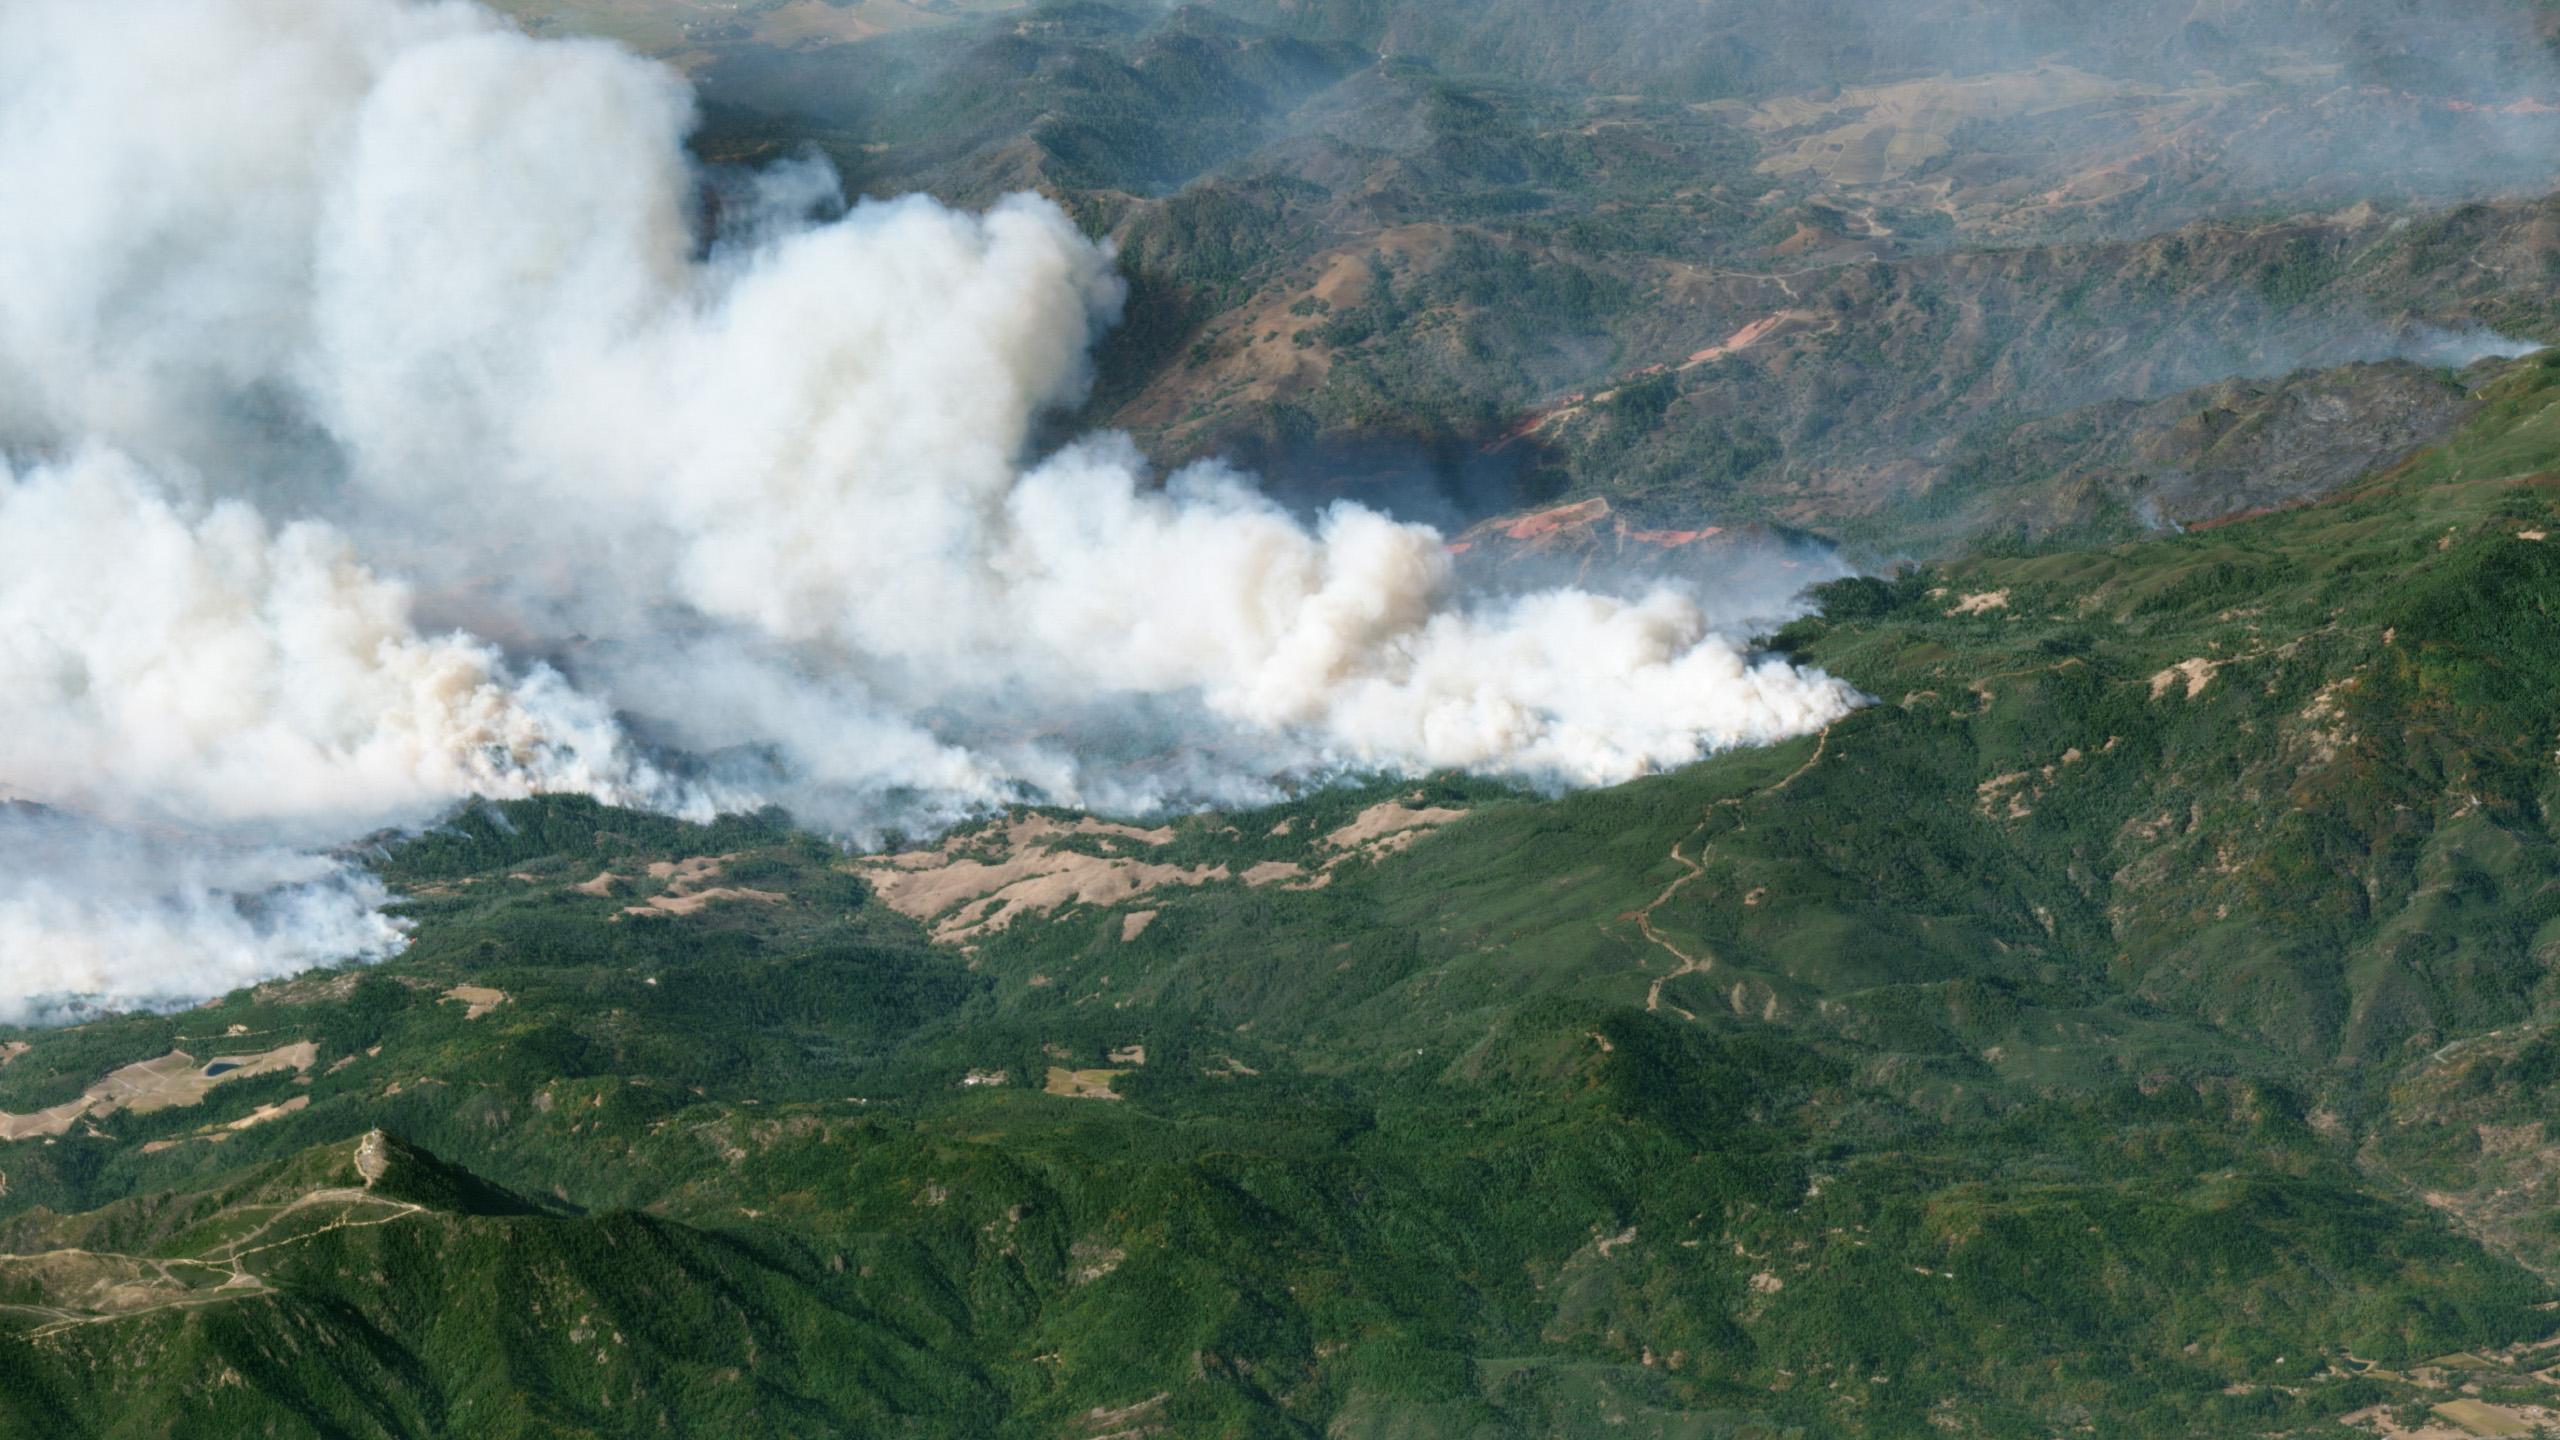 Una vista en diagonal del incendio de Kincaid en el condado de Sonoma, California.  © 2019, Planet Labs Inc.  todos los derechos son salvos.